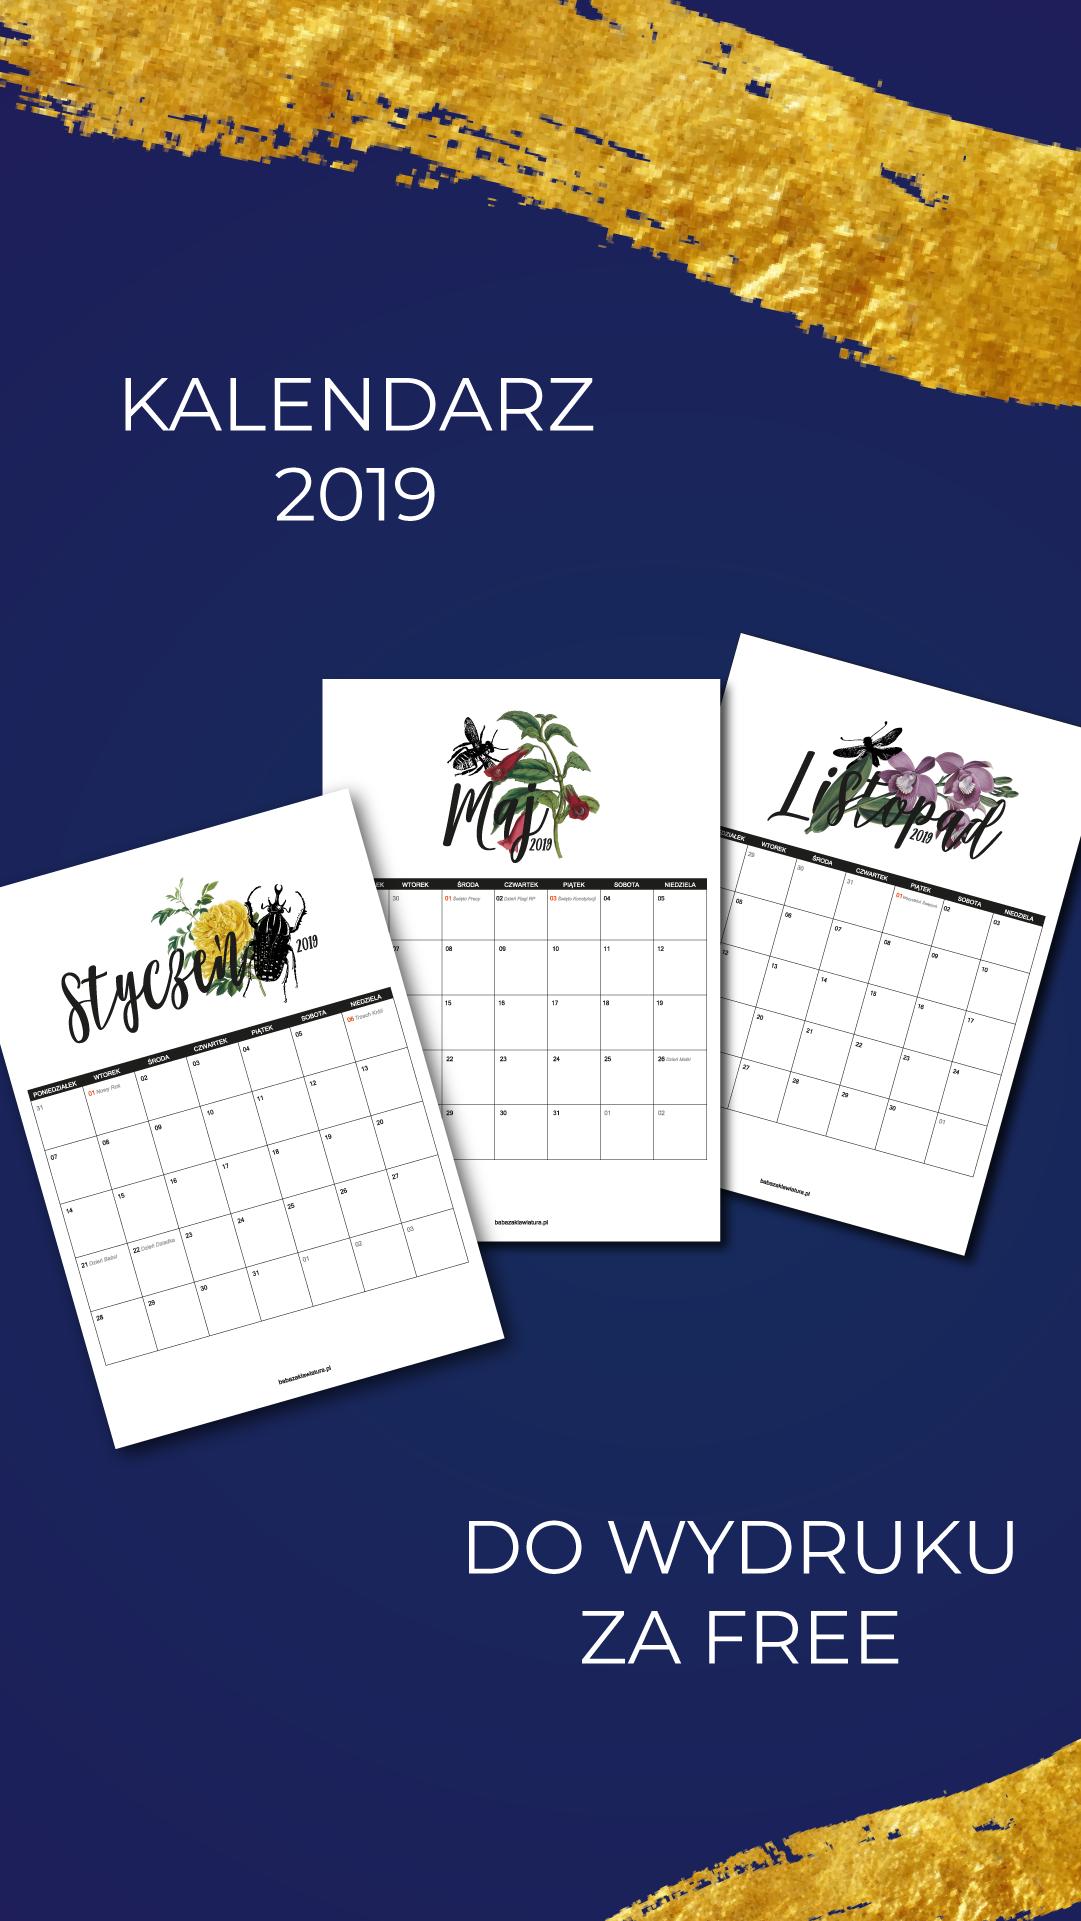 Kalendarz Na Rok 2019 Do Wydruku Za Free W środku Wszystkie